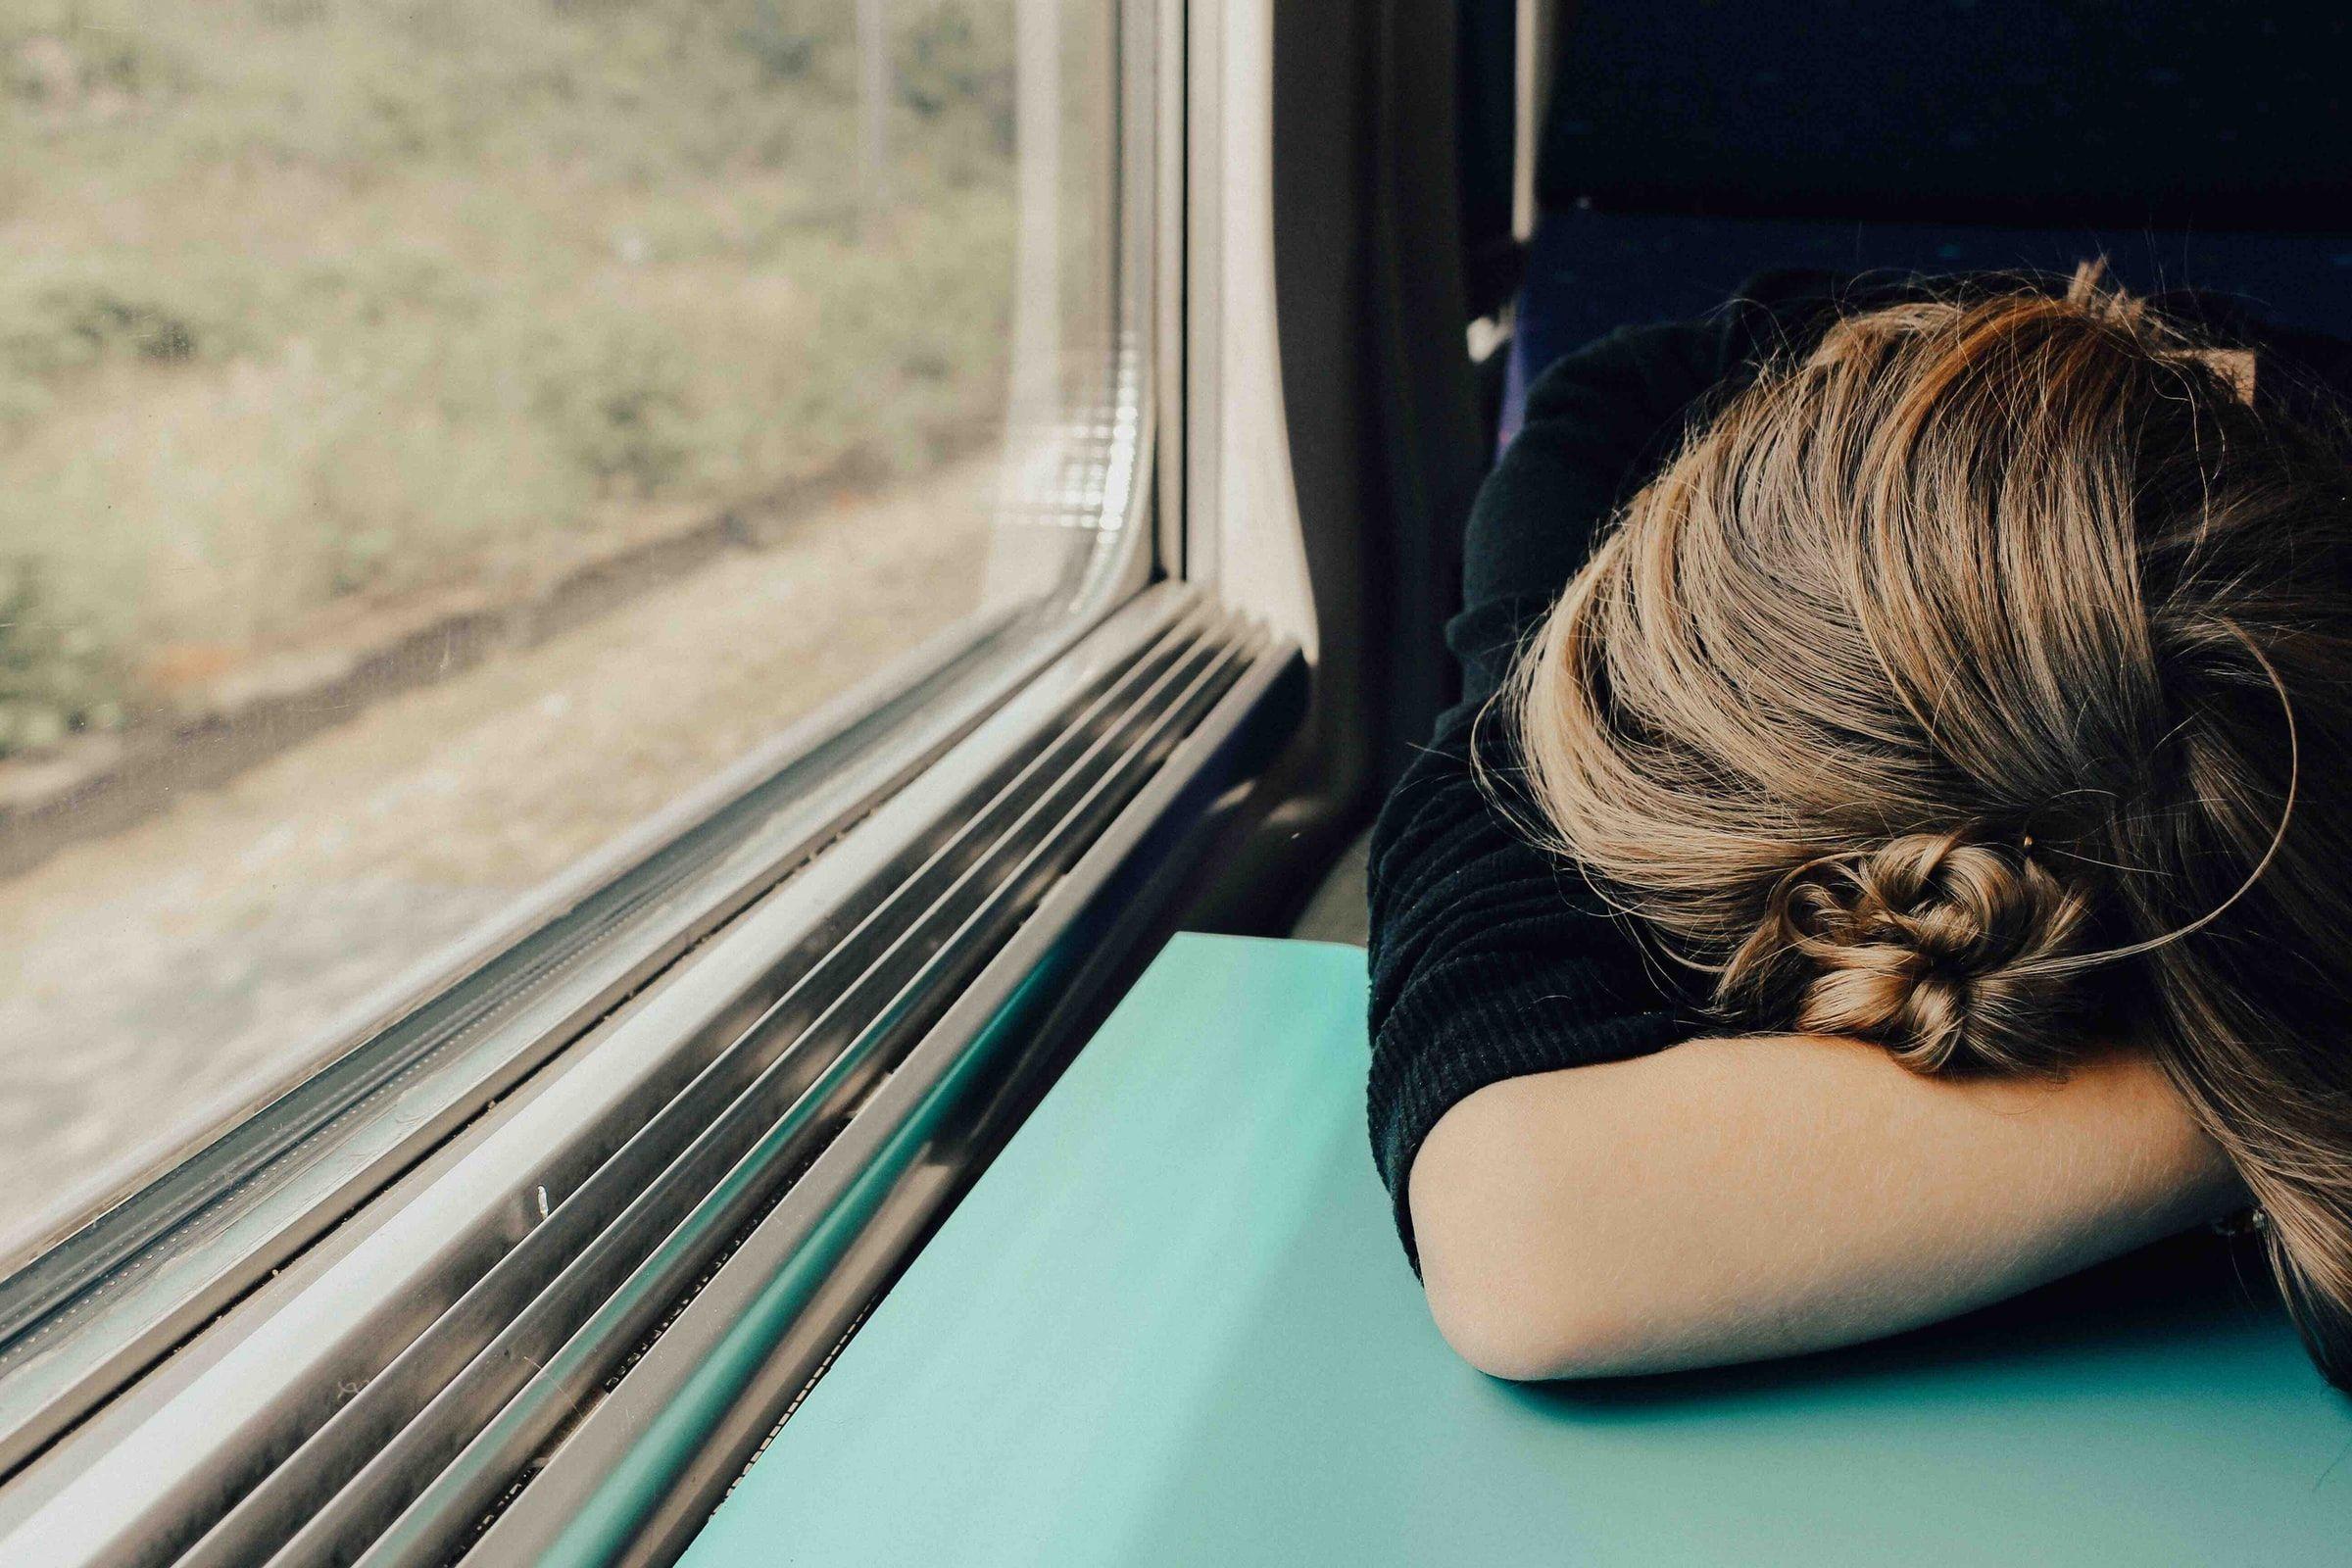 Frau legt ihren Kopf in ihre verschränkten Arme auf einem Tisch in einem Zug